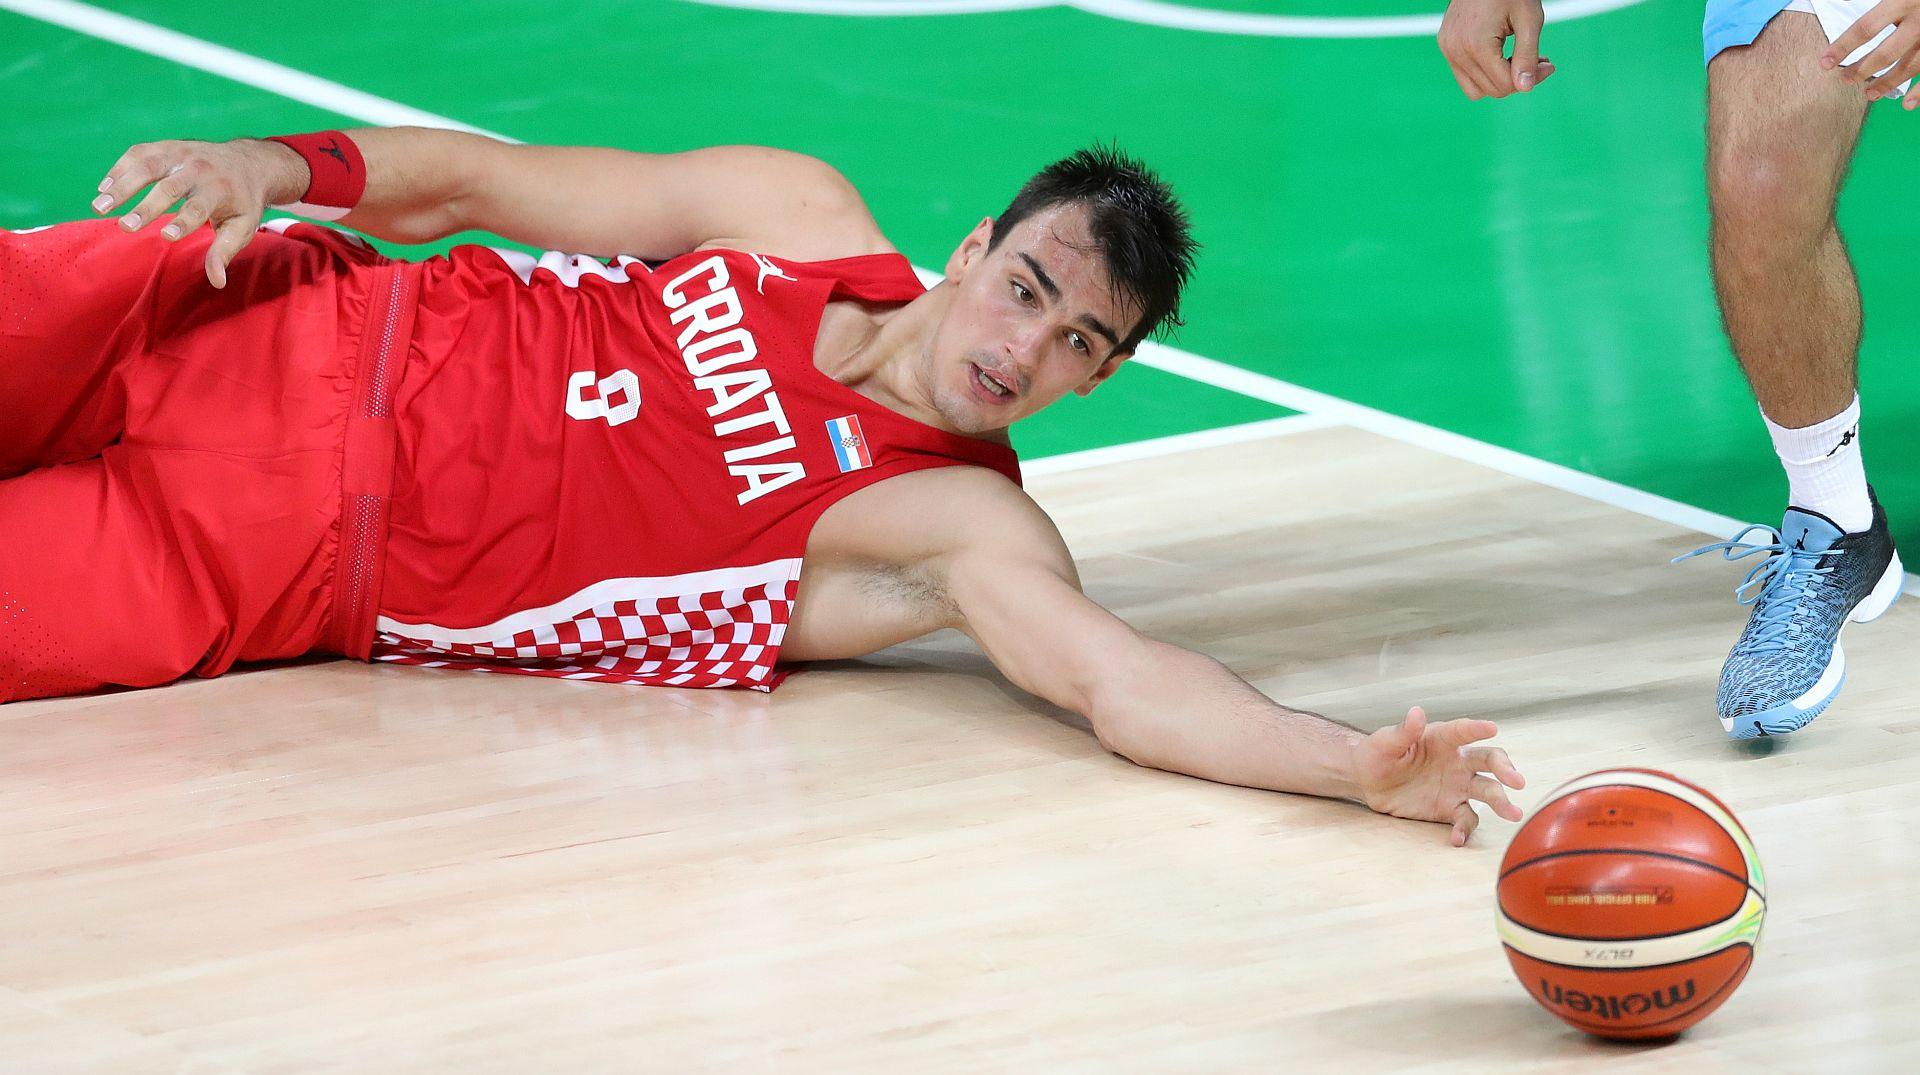 OI KOŠARKA Hrvatska umalo nadoknadila minus 20, Argentina slavila sa +8